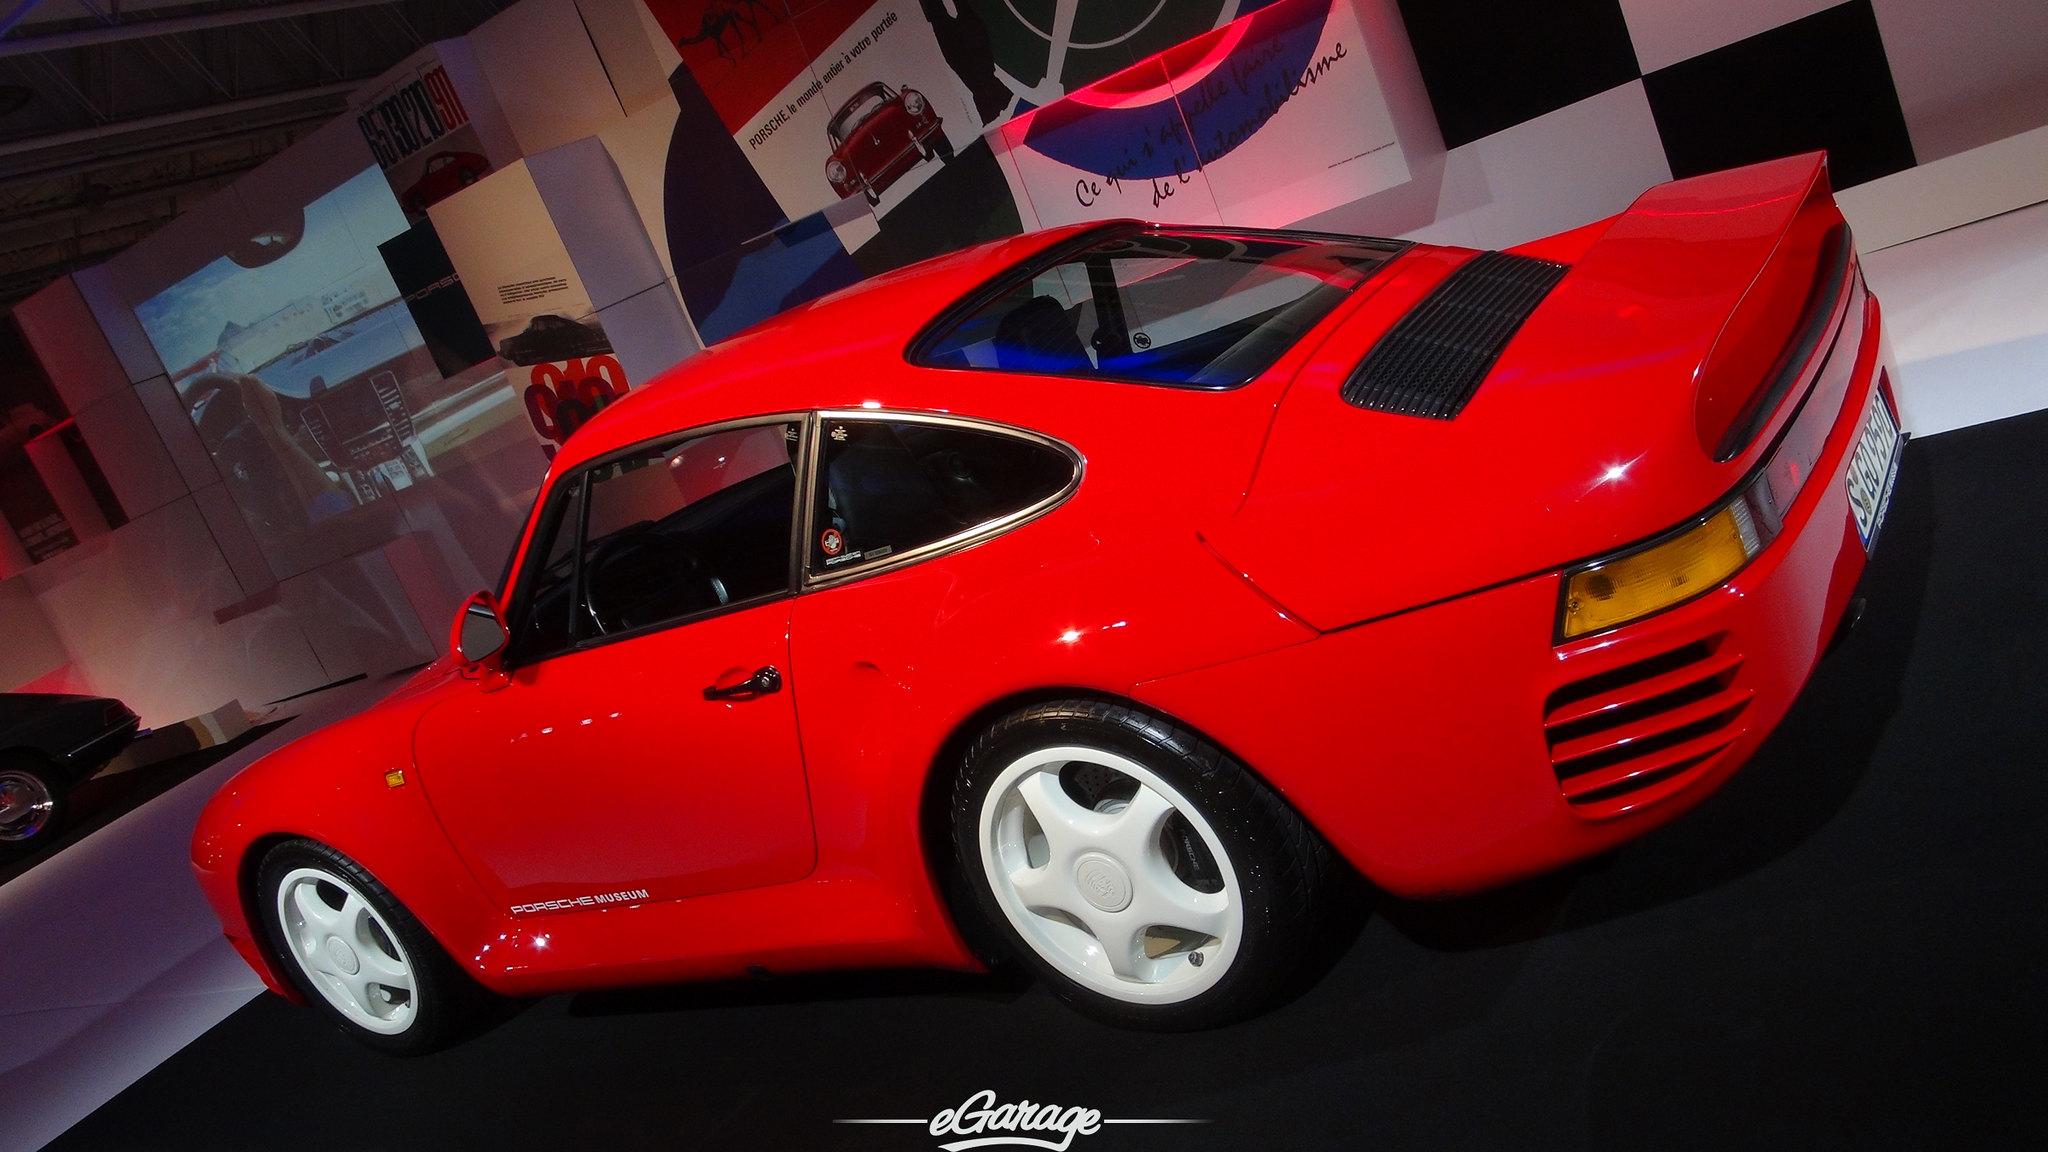 8037670326 91d1ce5662 k 2012 Paris Motor Show